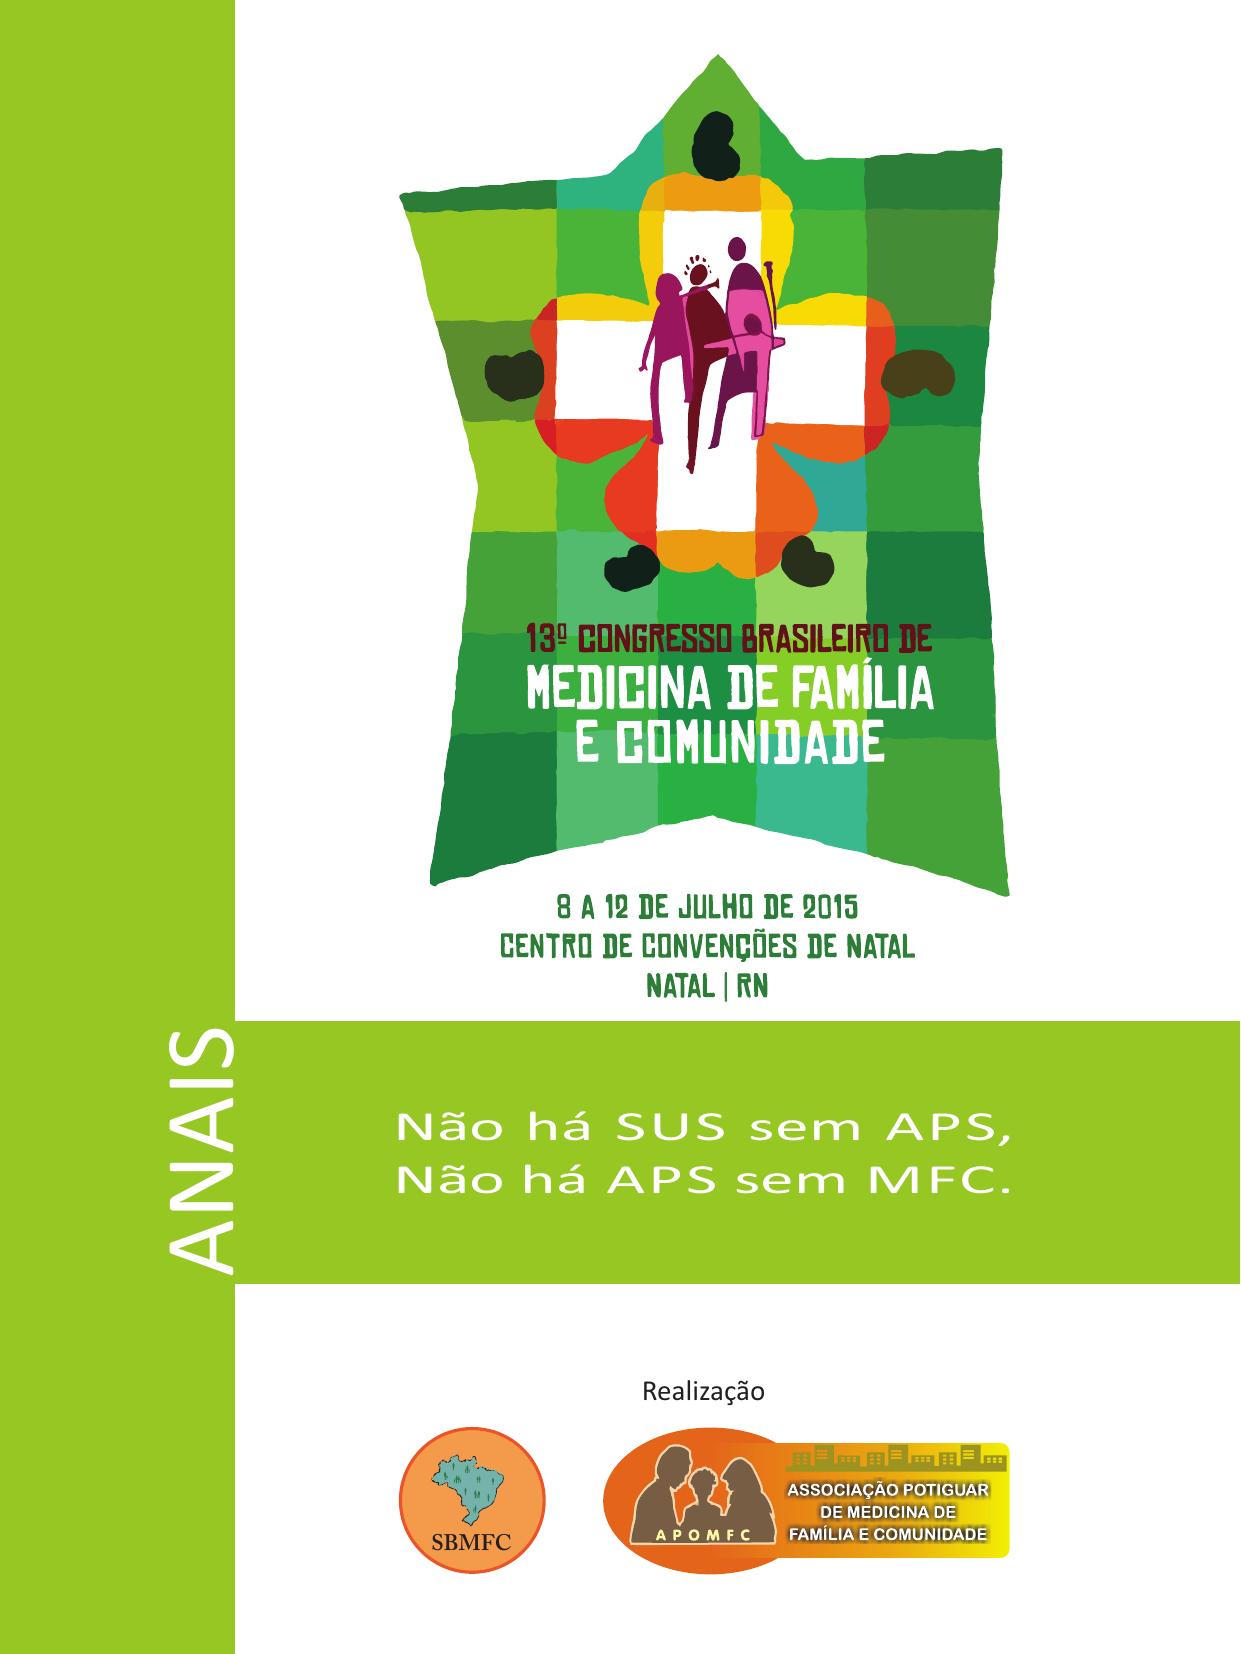 14a4e946ac0 pôsteres - 13º Congresso Brasileiro de Medicina de Família e